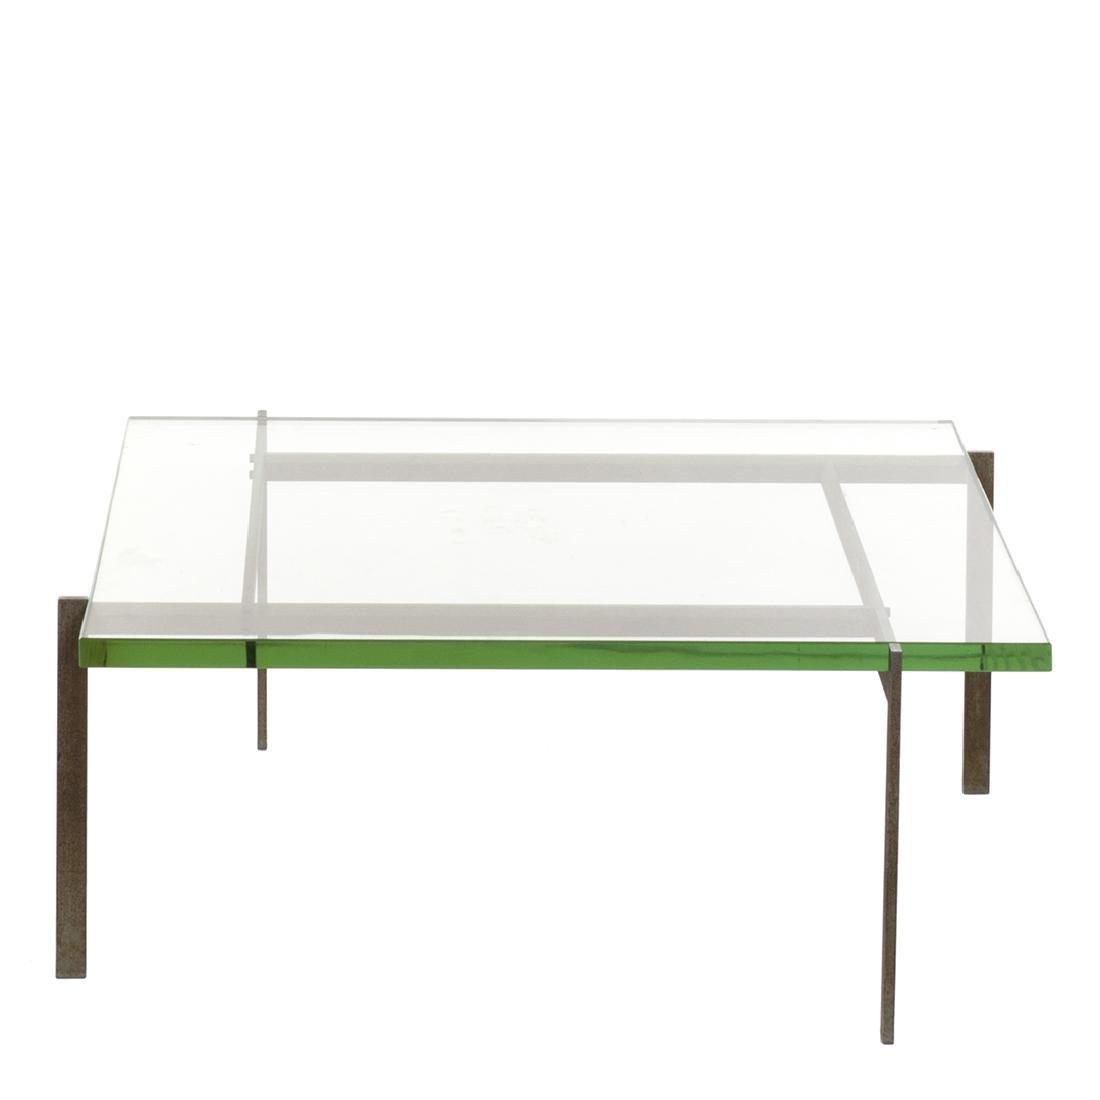 Poul Kjaerholm PK61 Coffee Table